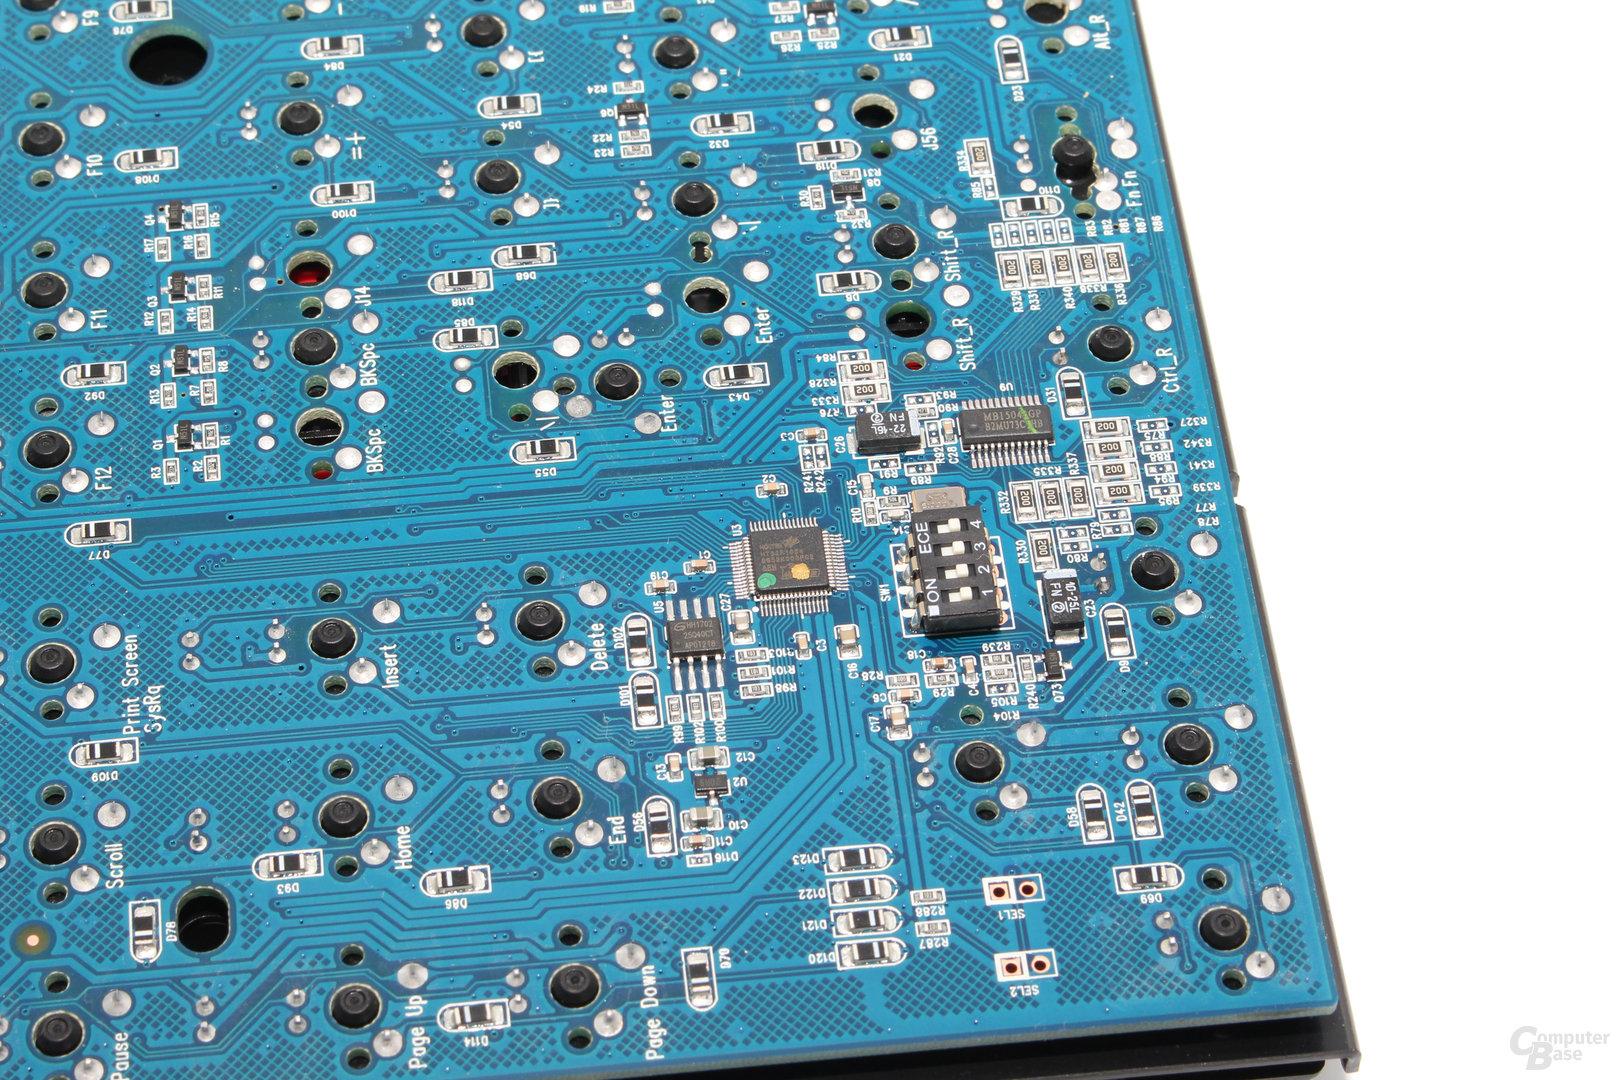 Schaltzentrale: Ducky nutzt einen ARM-Microcontroller von Holtek (HT32F1654)